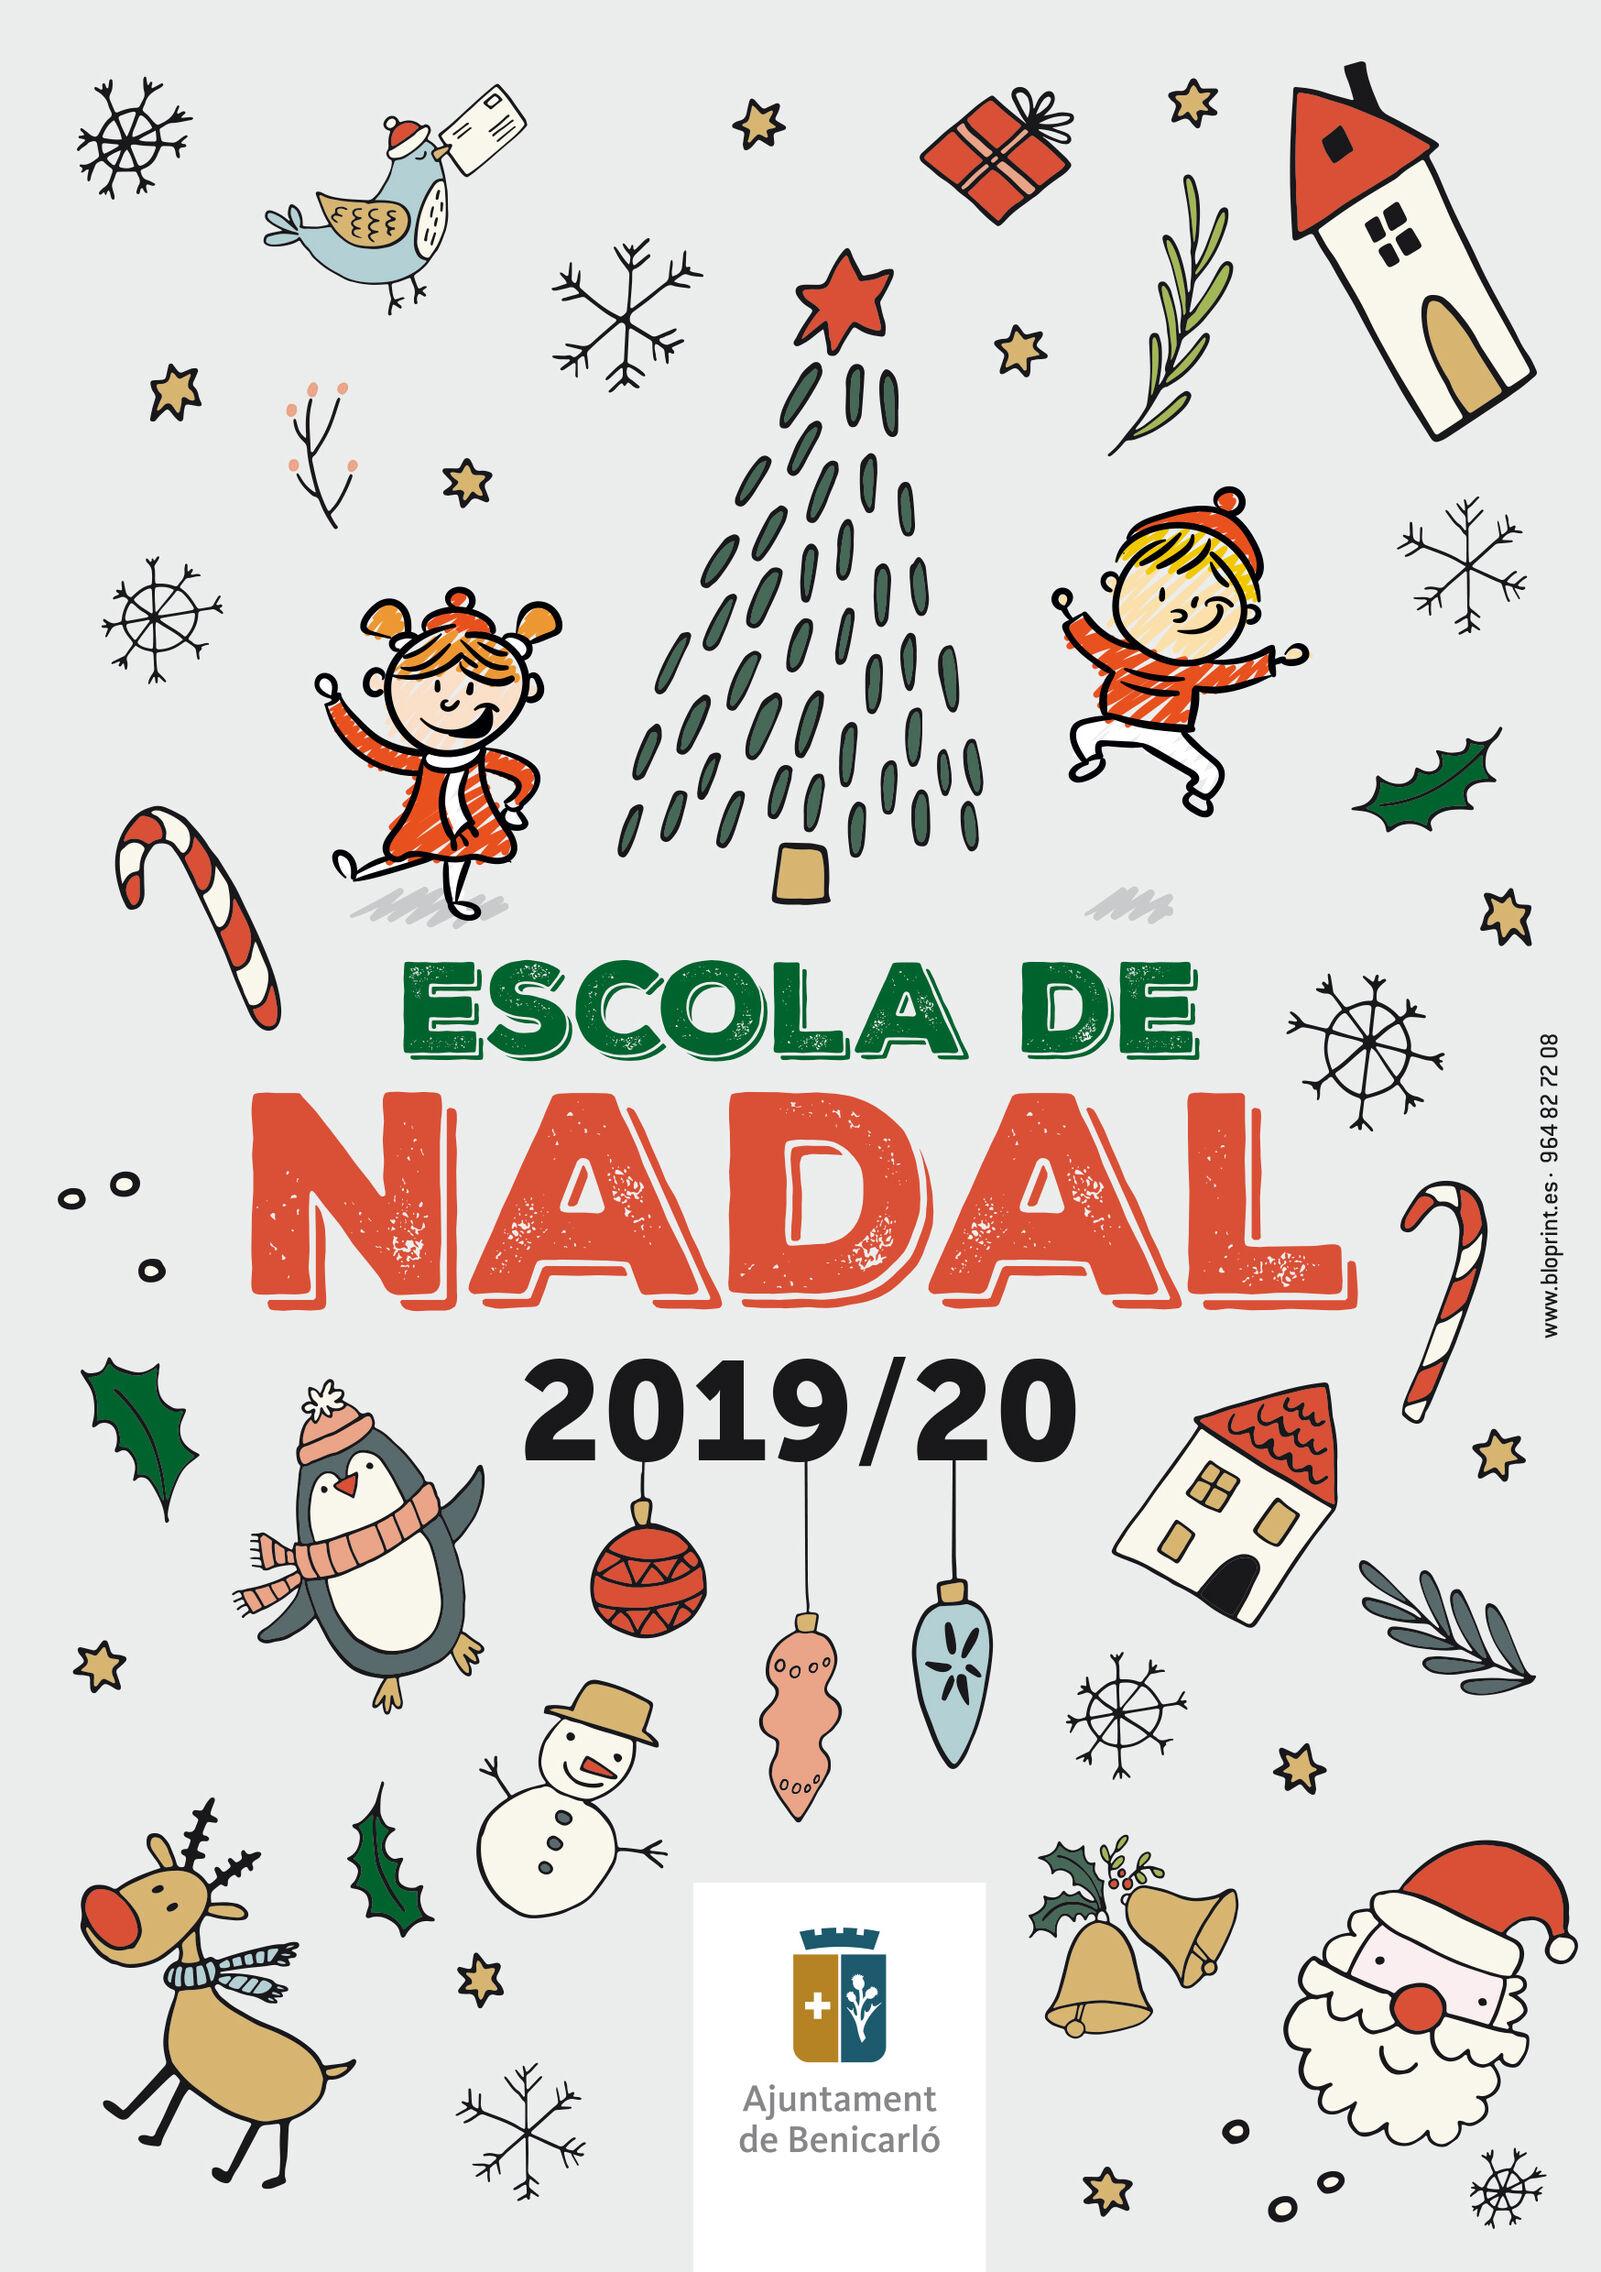 Benicarló; Torna l'Escola de Nadal, per tal de conciliar la vida familiar i laboral